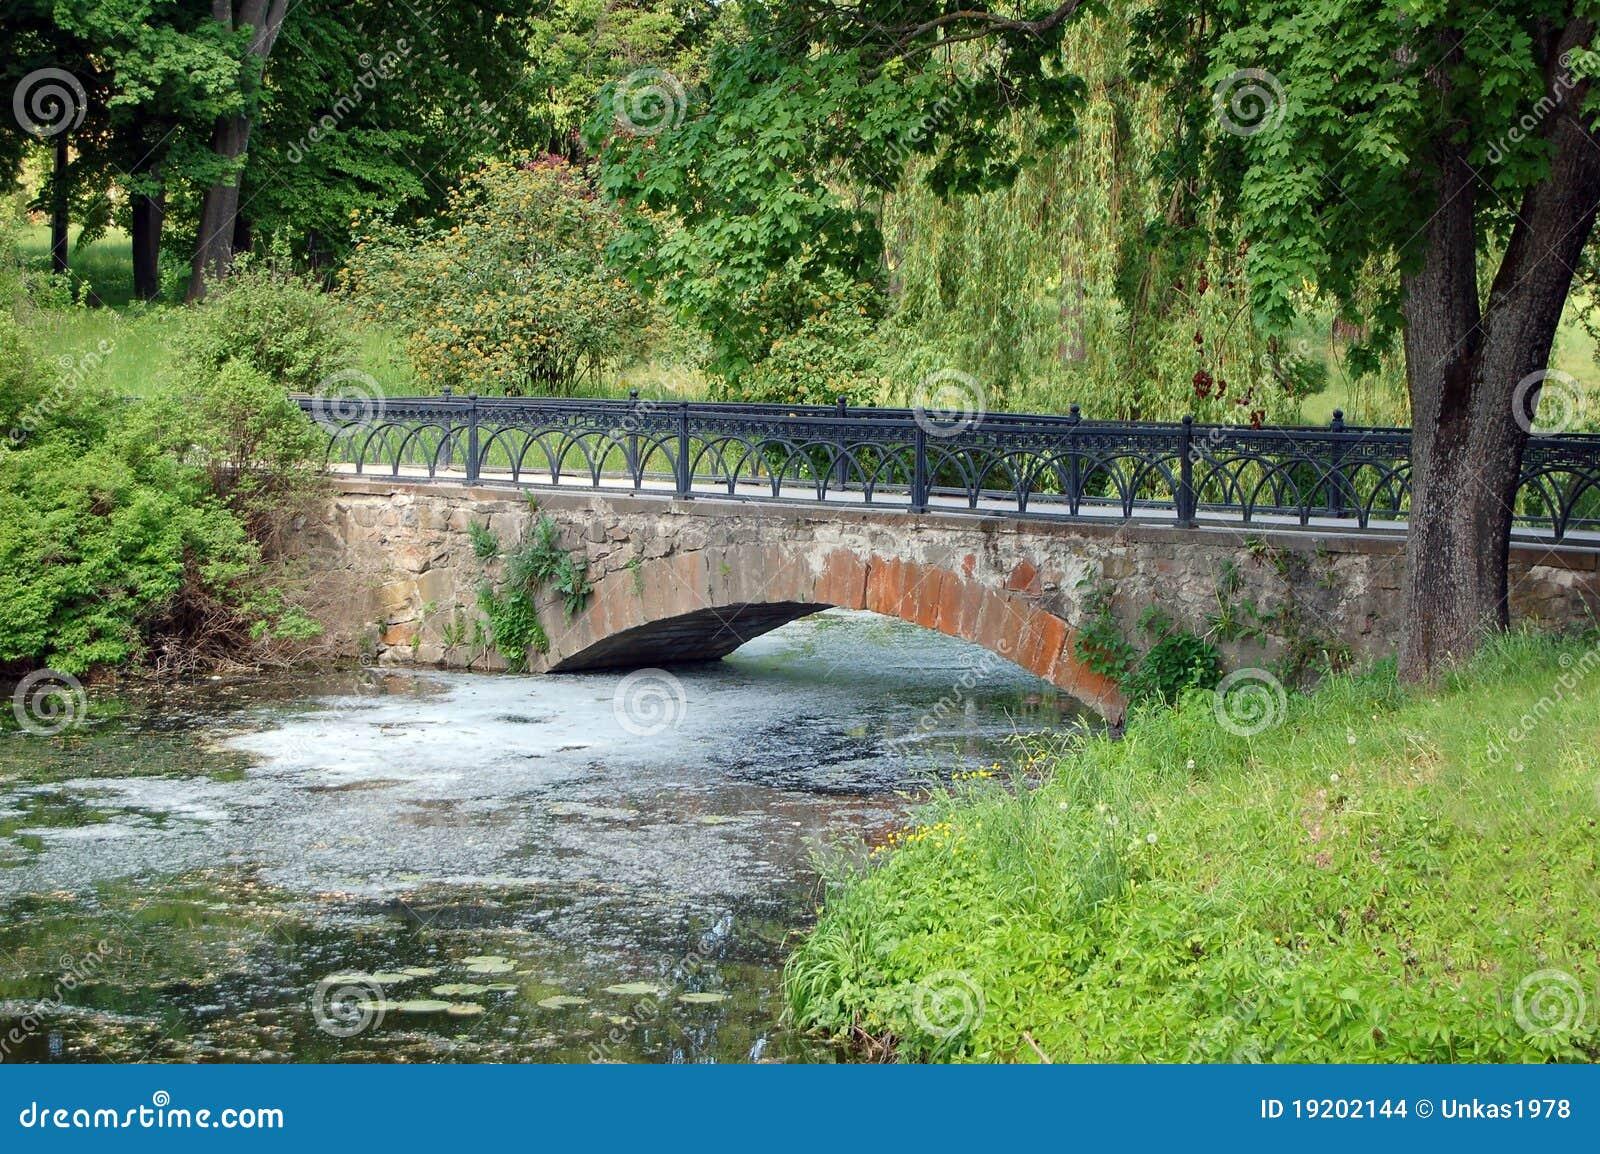 spring garden bridge park - photo #19